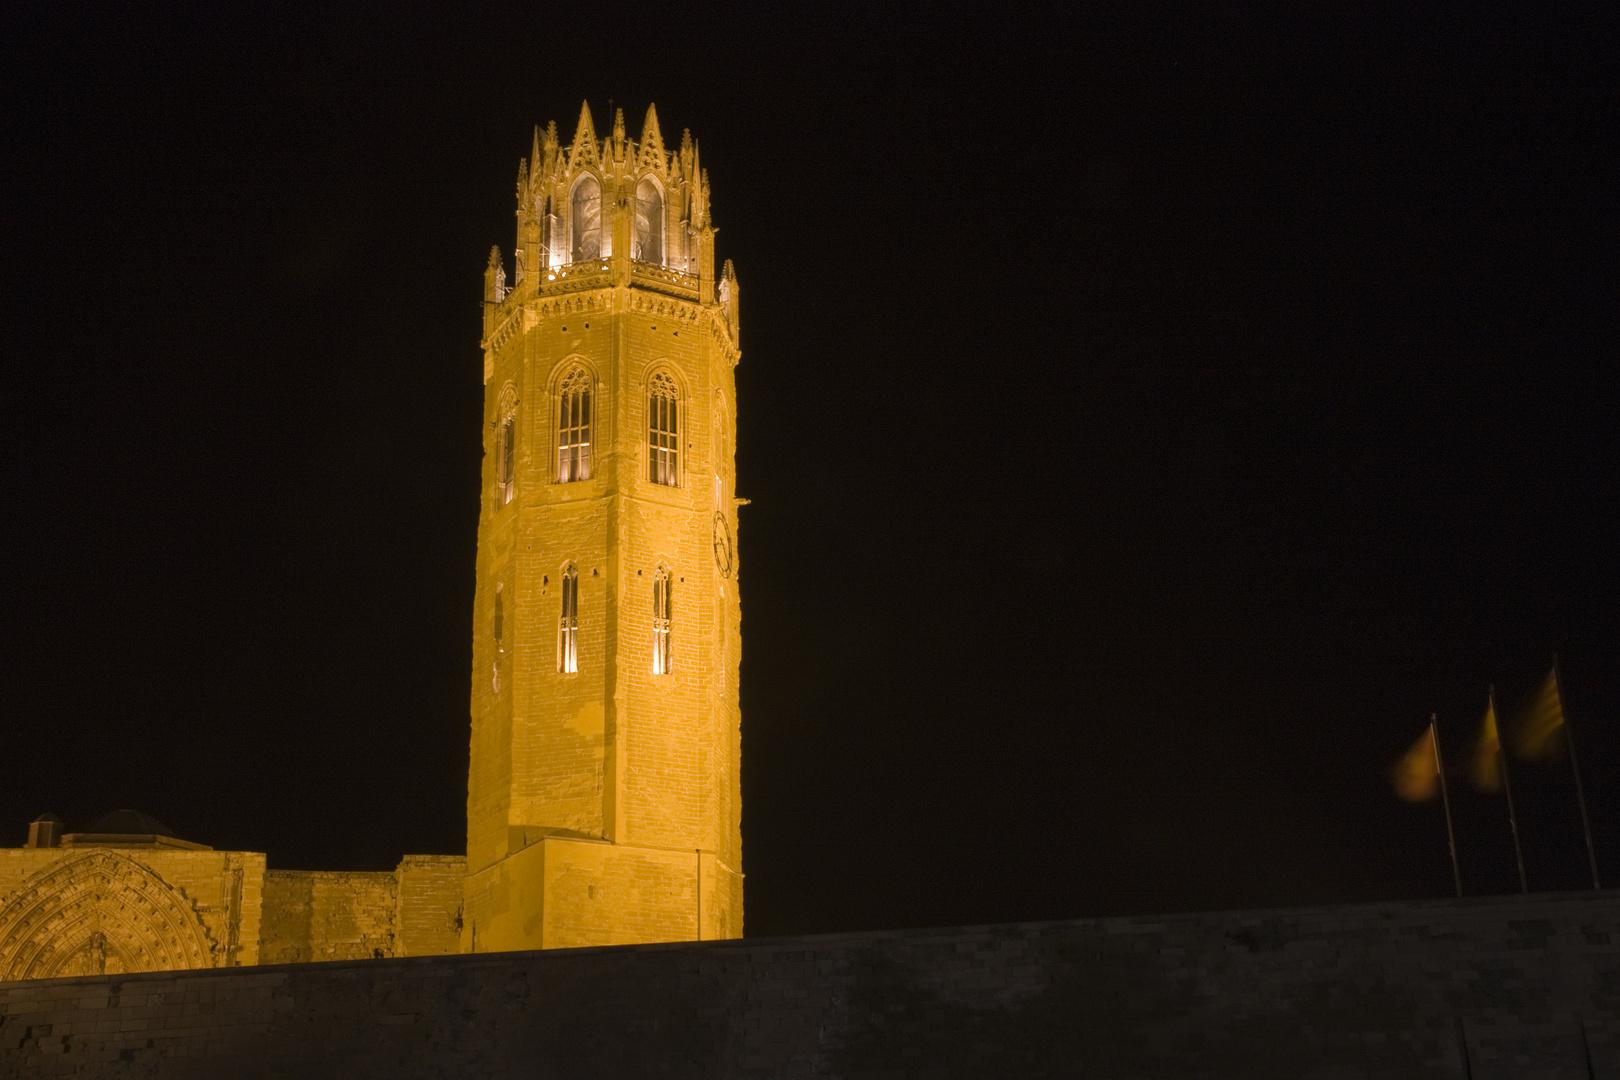 Seu Vella de Lleida nocturno 3